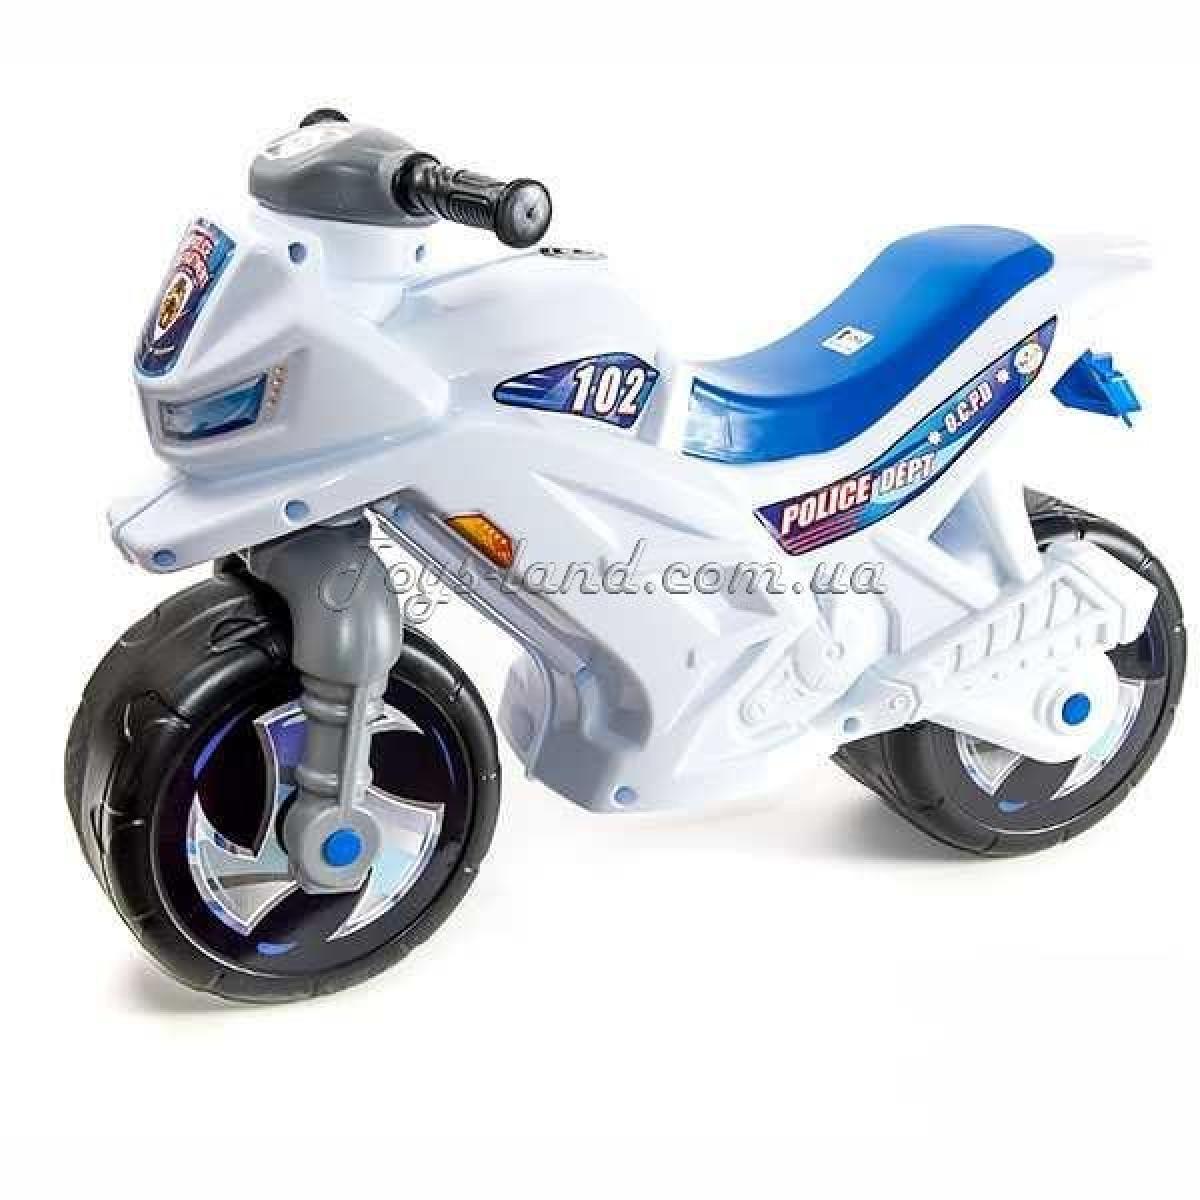 Мотоцикл 2-х колісний з сигналом (білий), арт. 501в.3 БЕЛ, Оріон